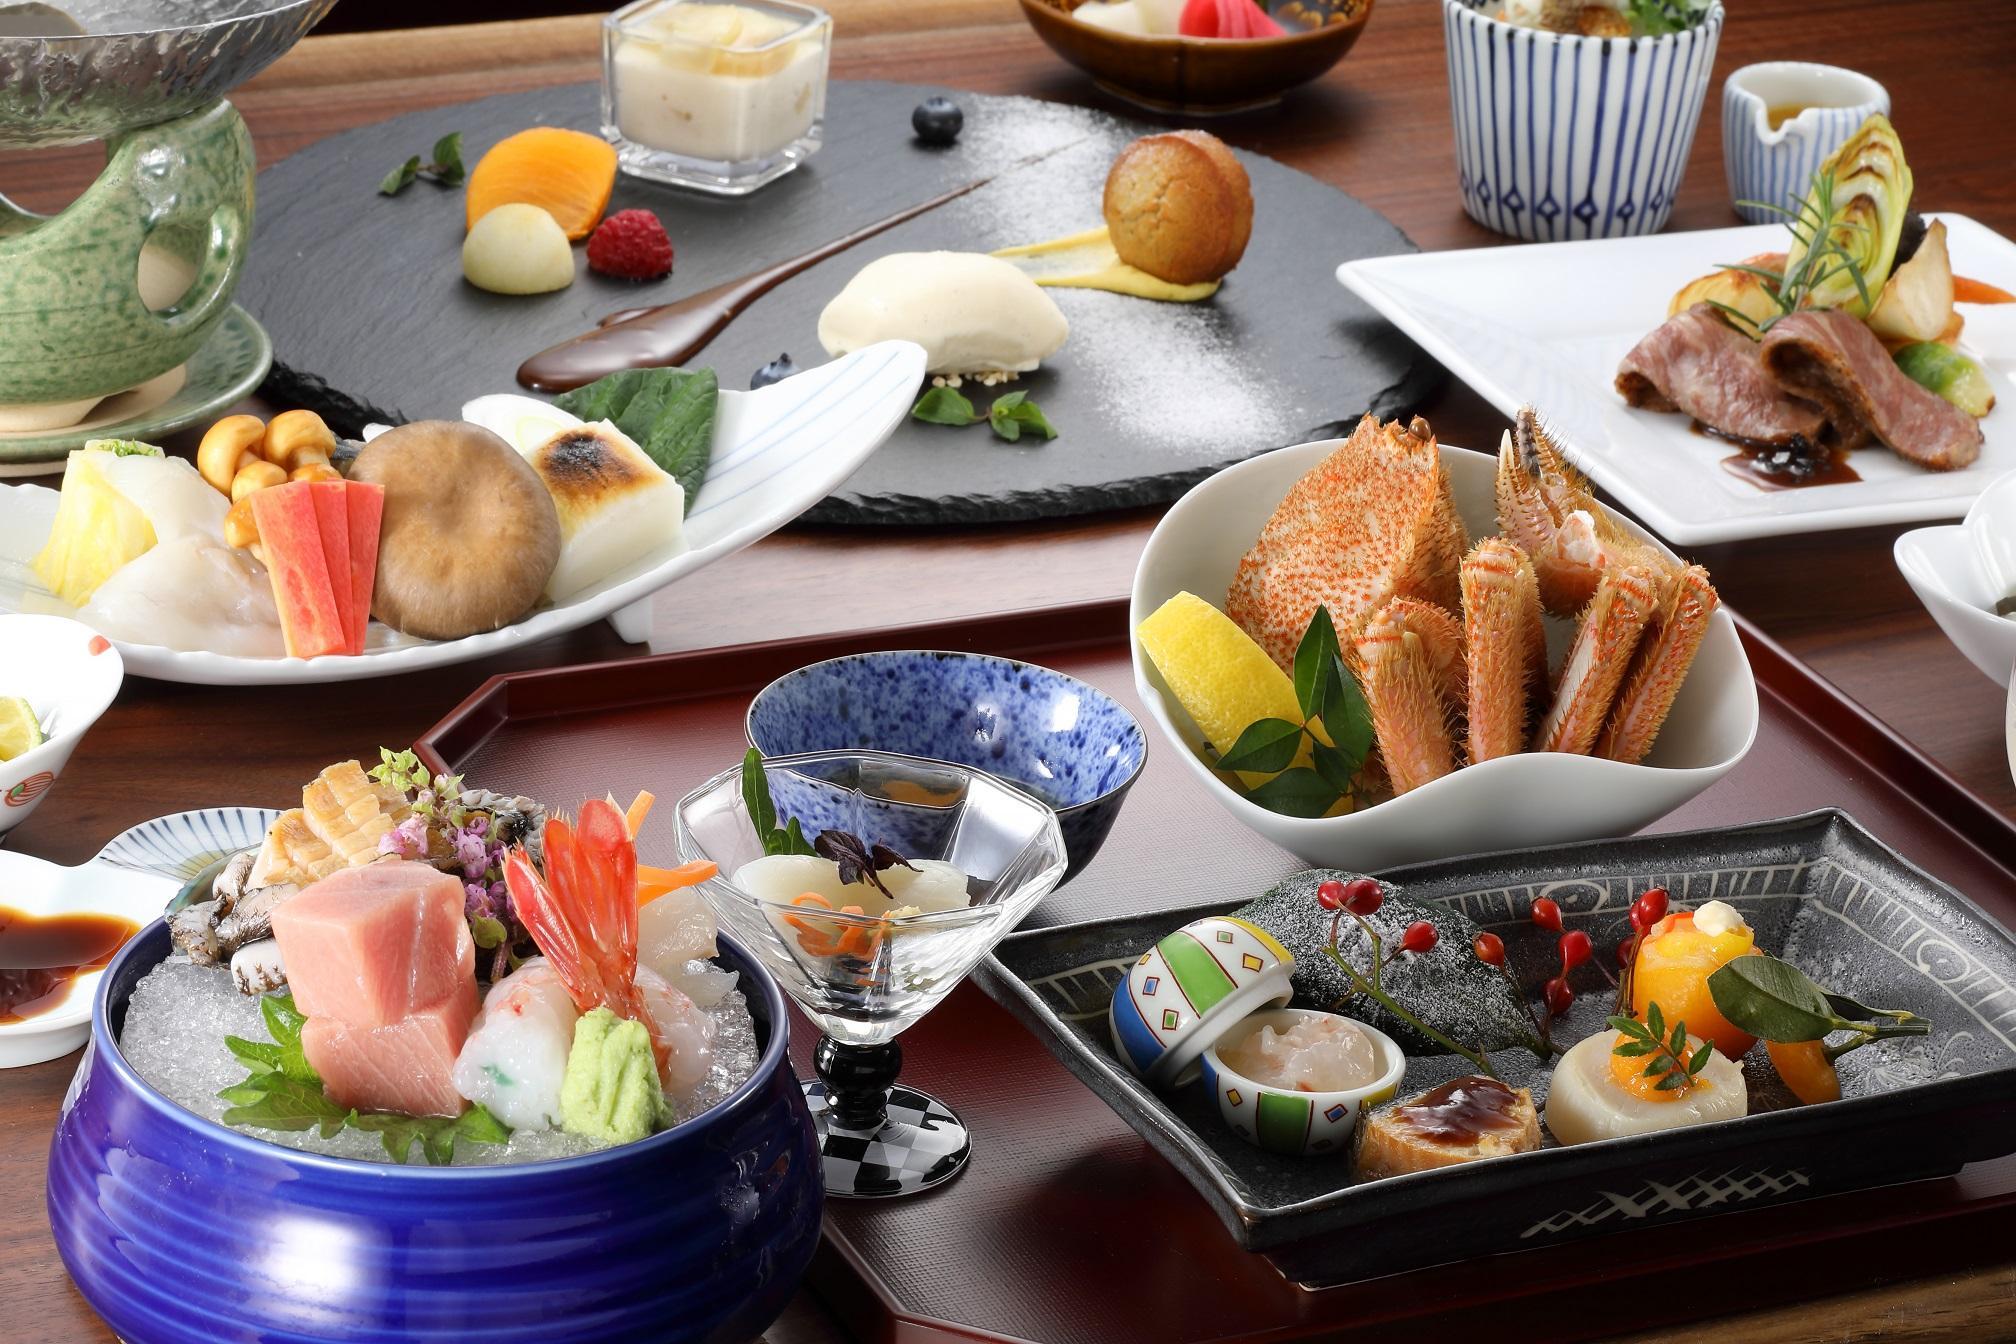 【早期予約60日前】食事処で季節会席を愉しむ贅沢プラン